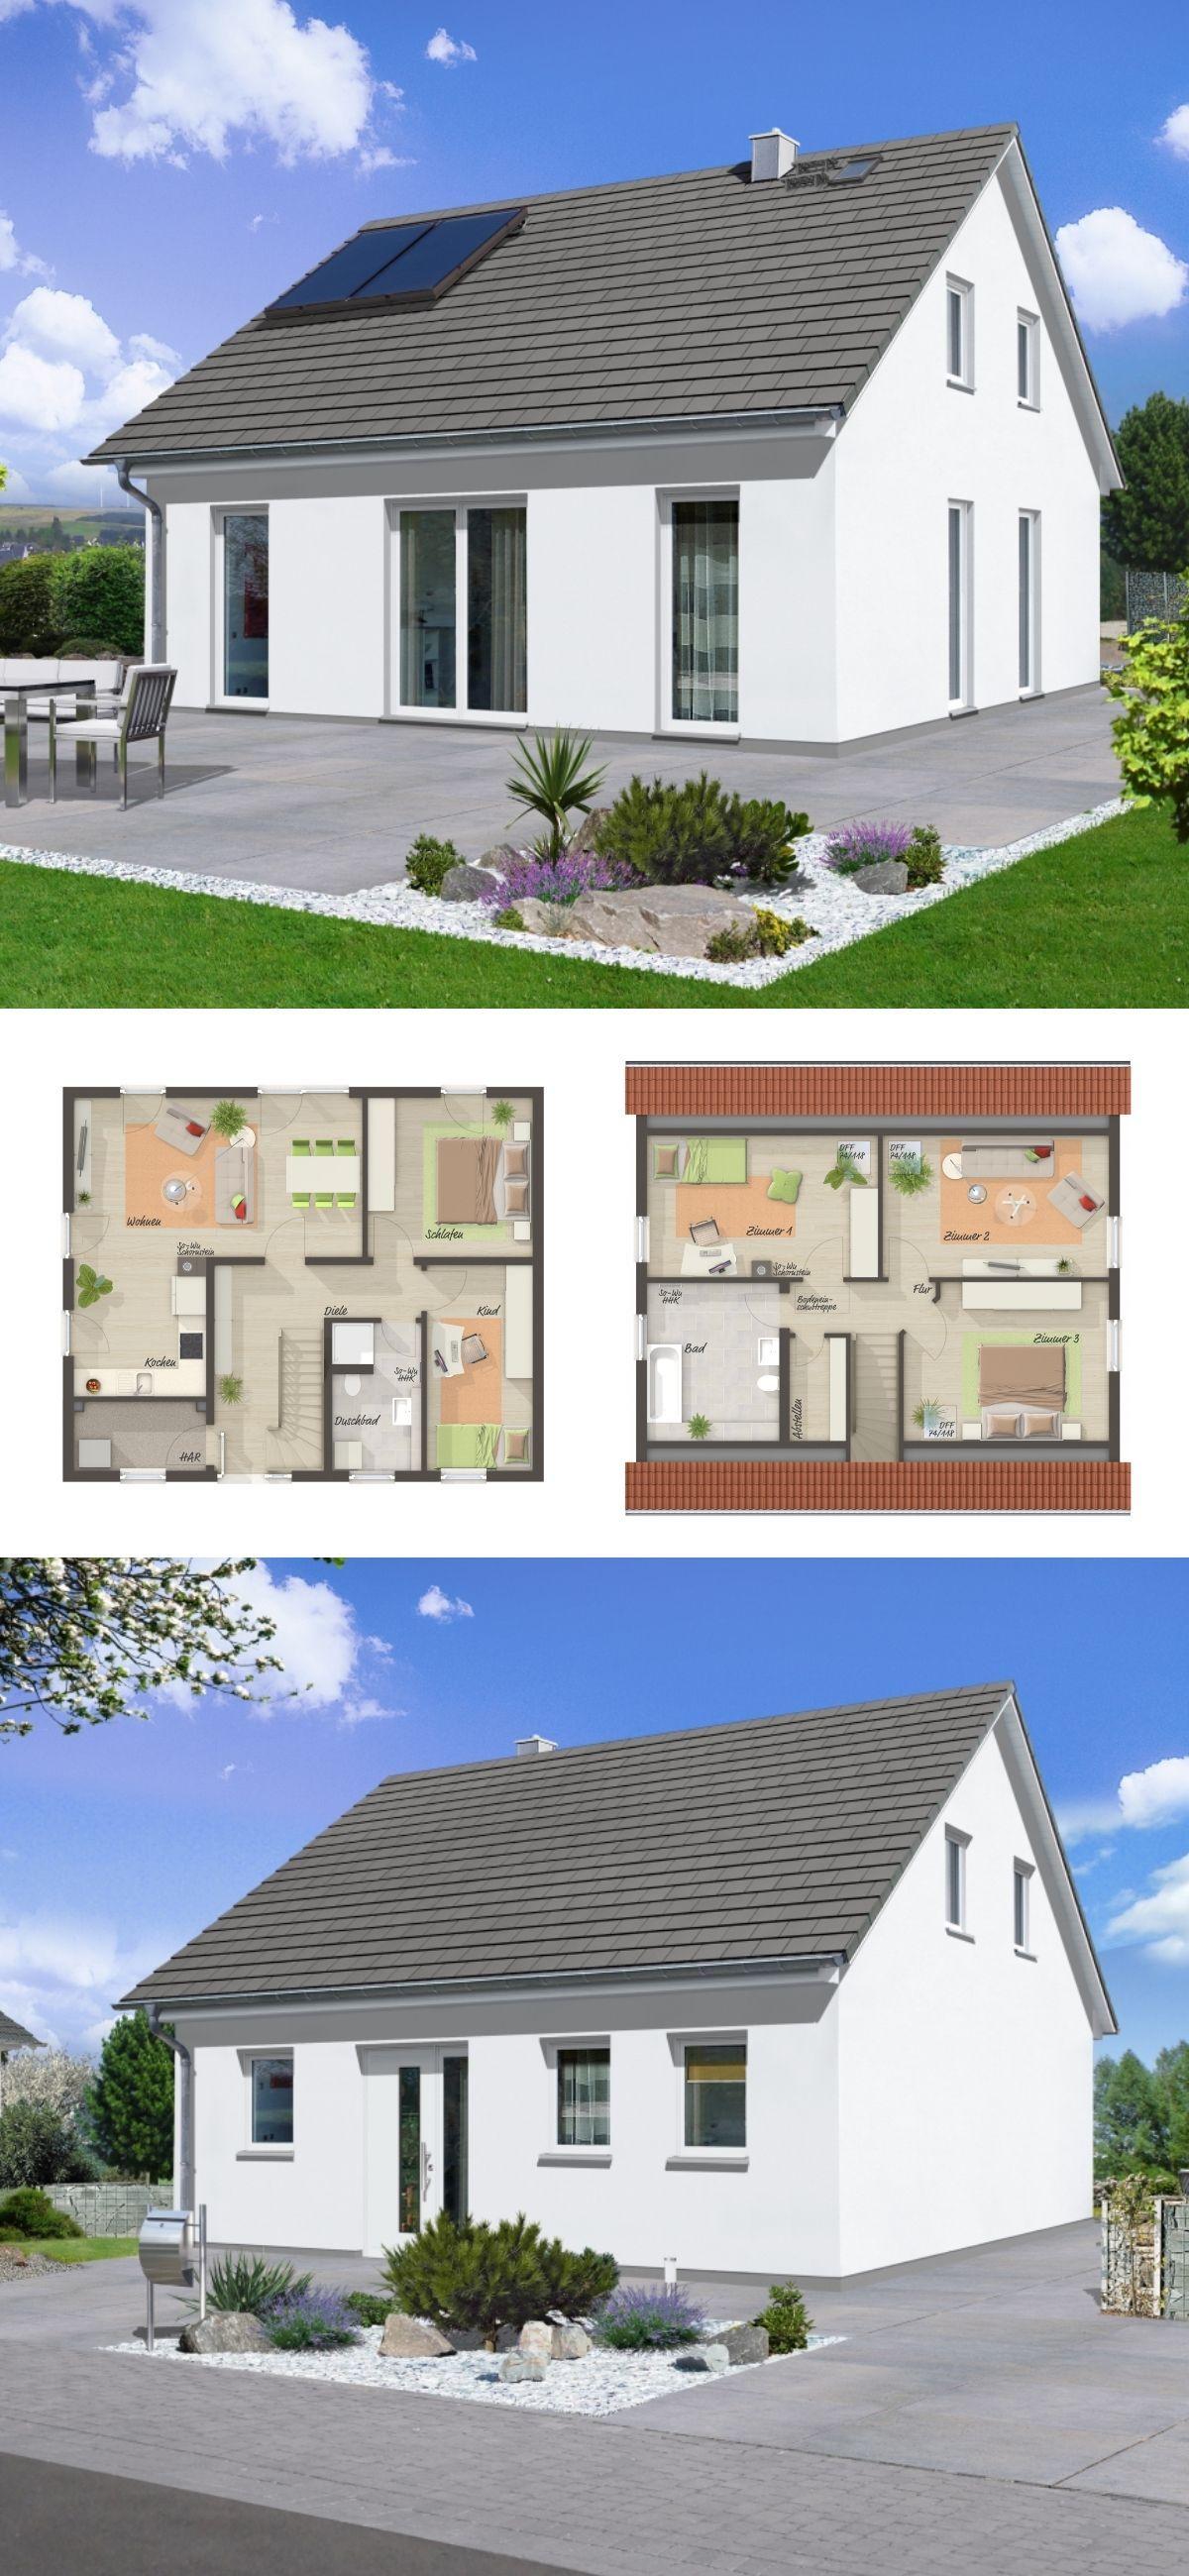 Modernes Ausbauhaus mit Satteldach Architektur